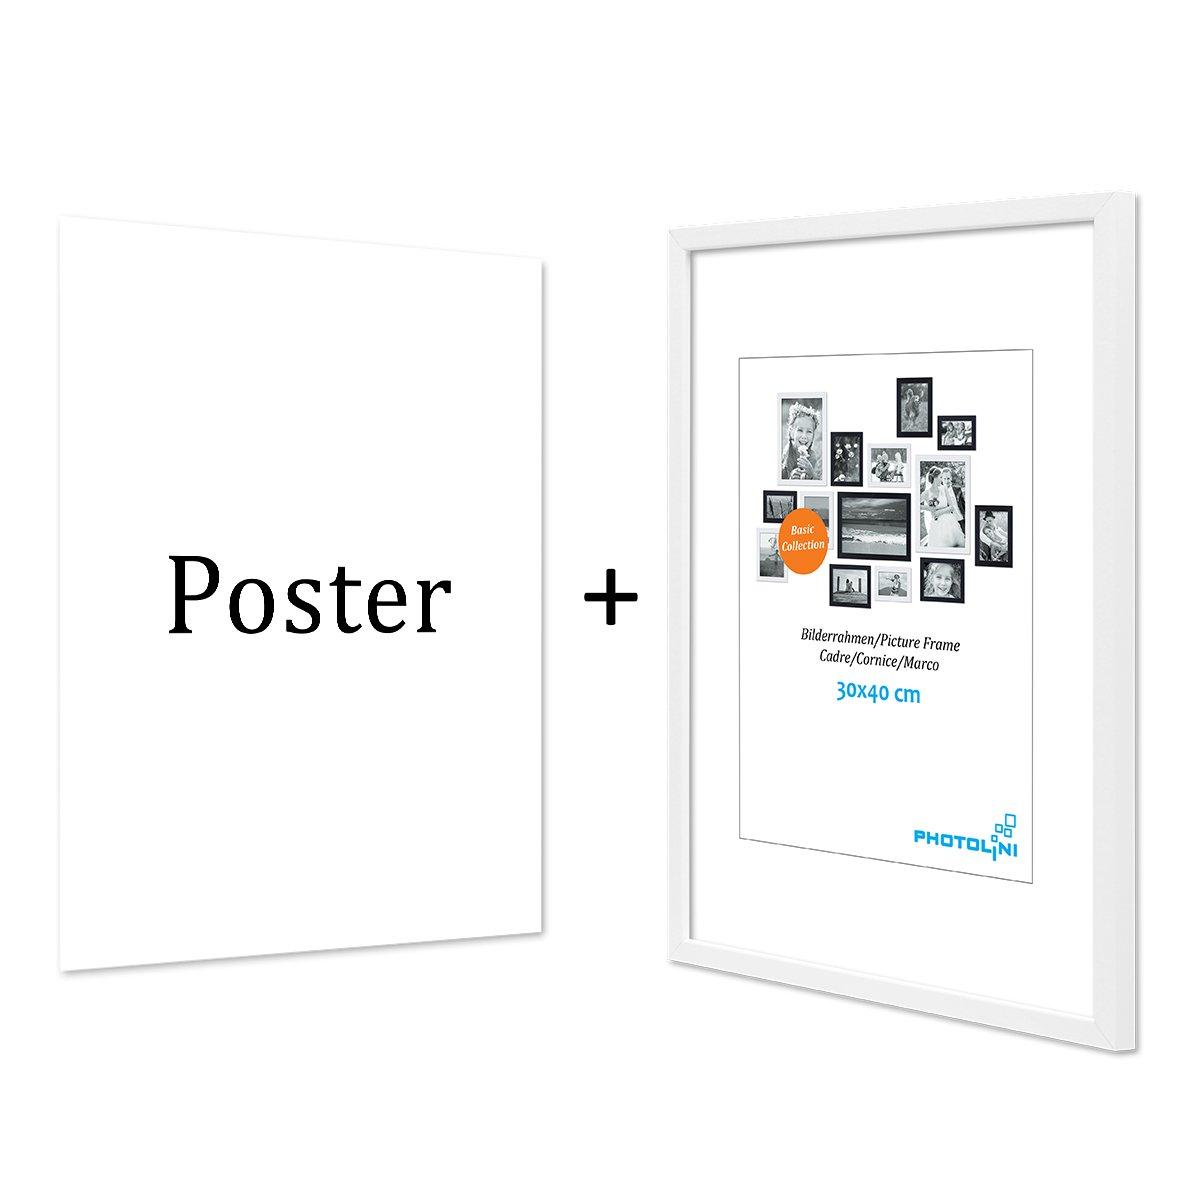 PHOTOLINI Design-Poster mit Bilderrahmen Weiss \'New York\' 30x40 cm ...